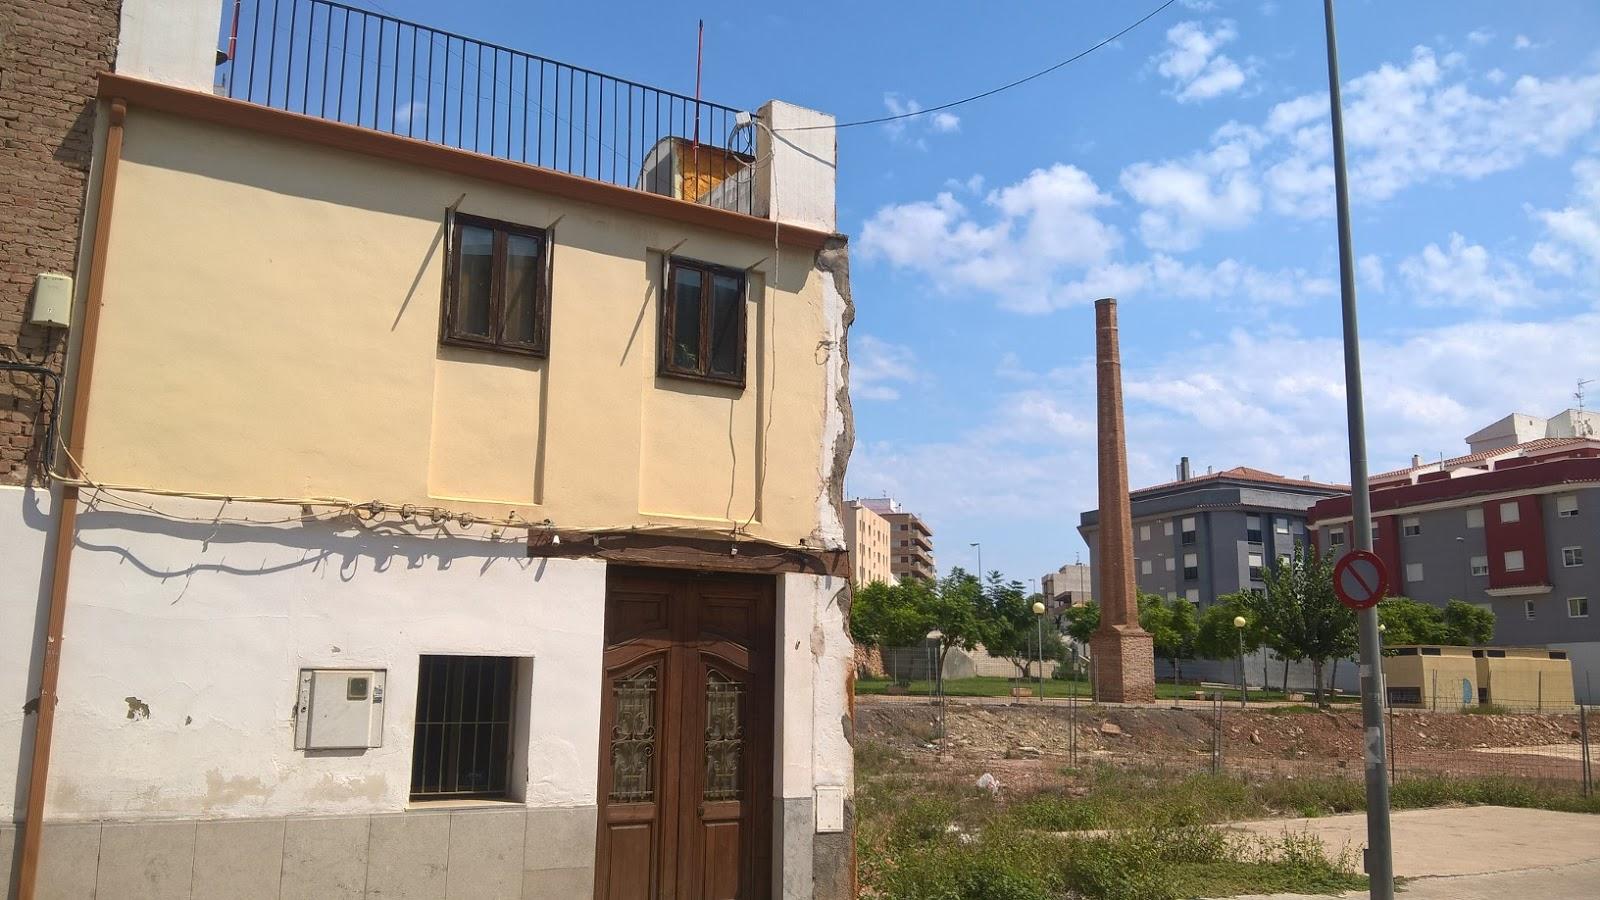 Patrimonio industrial arquitect nico imagen del d a - Chimeneas en castellon ...